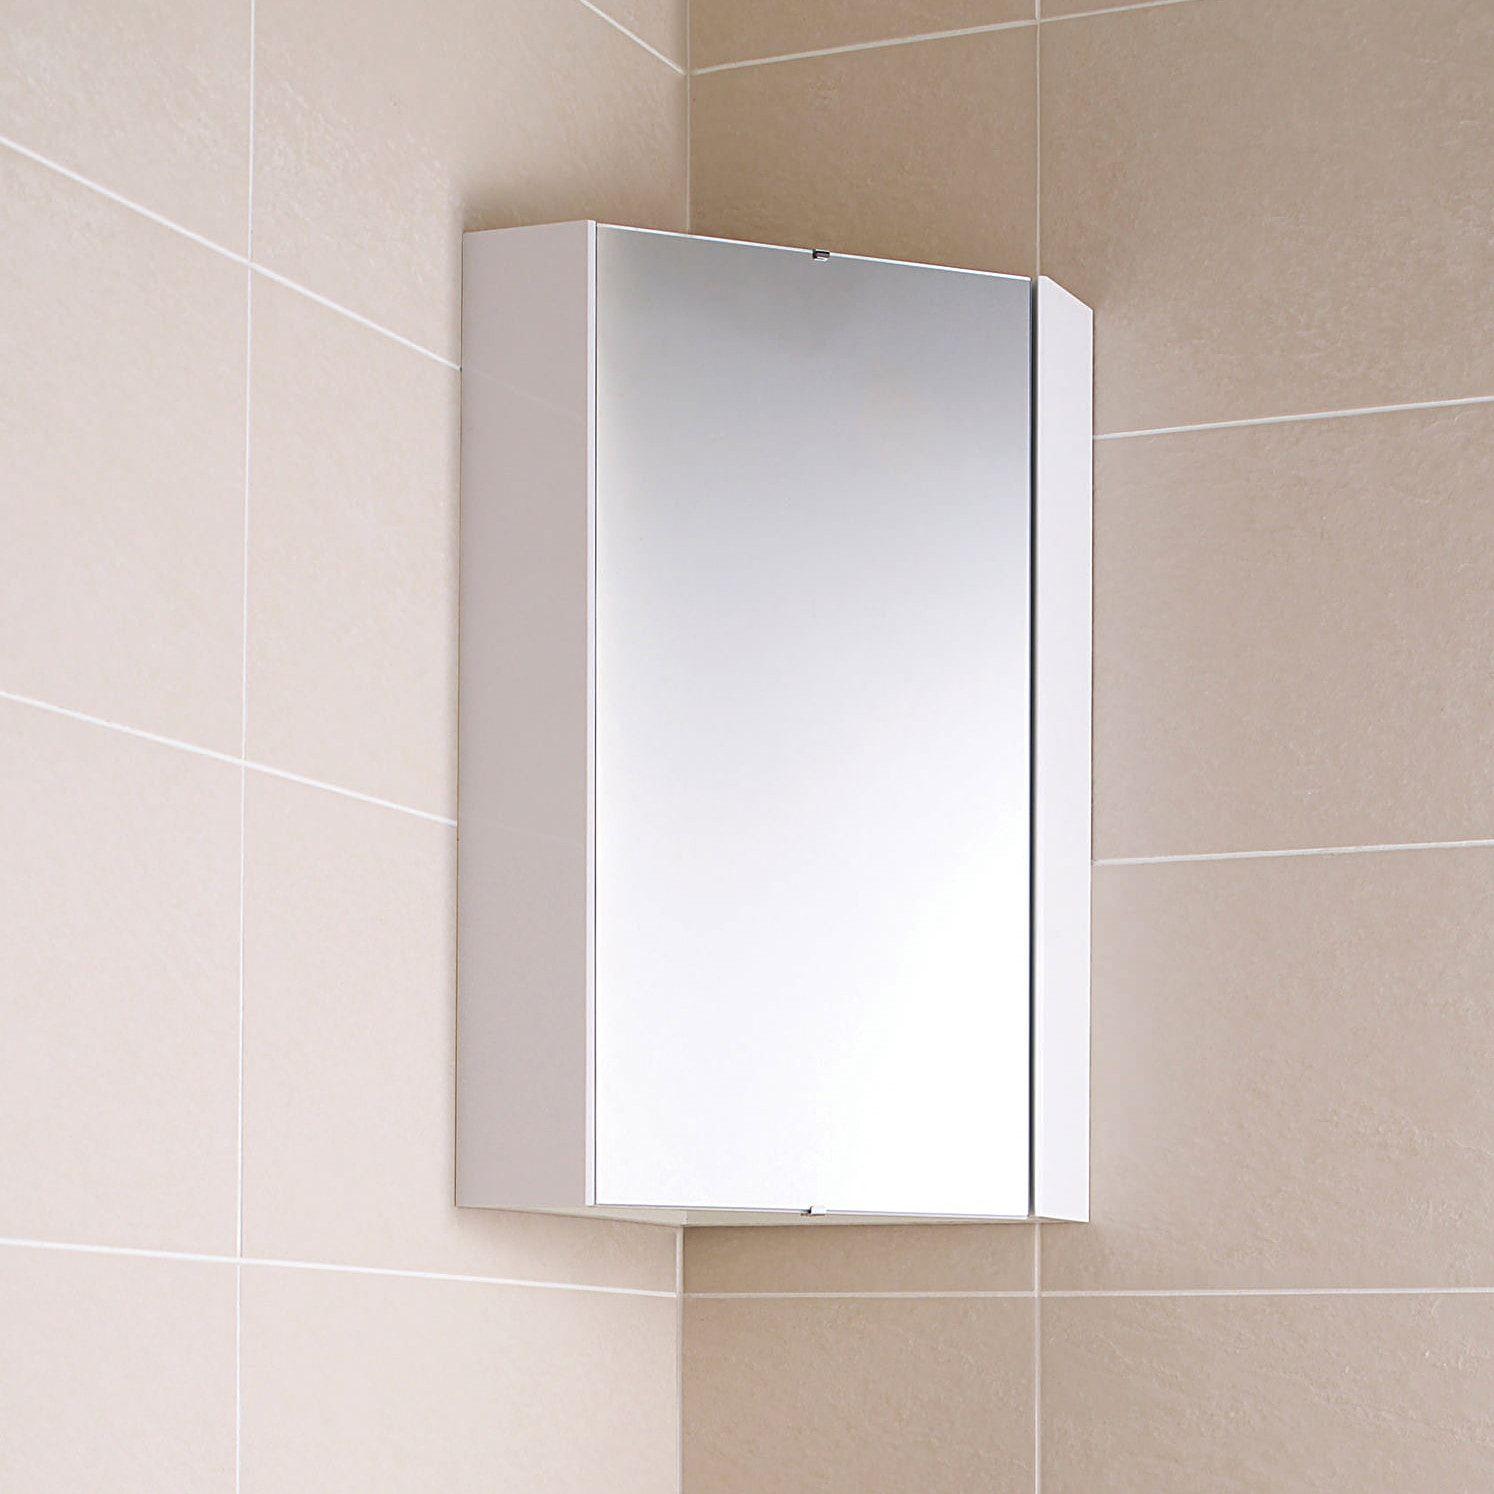 Ultra Design White Gloss Corner Mirror Cabinet | Corner mirror ...